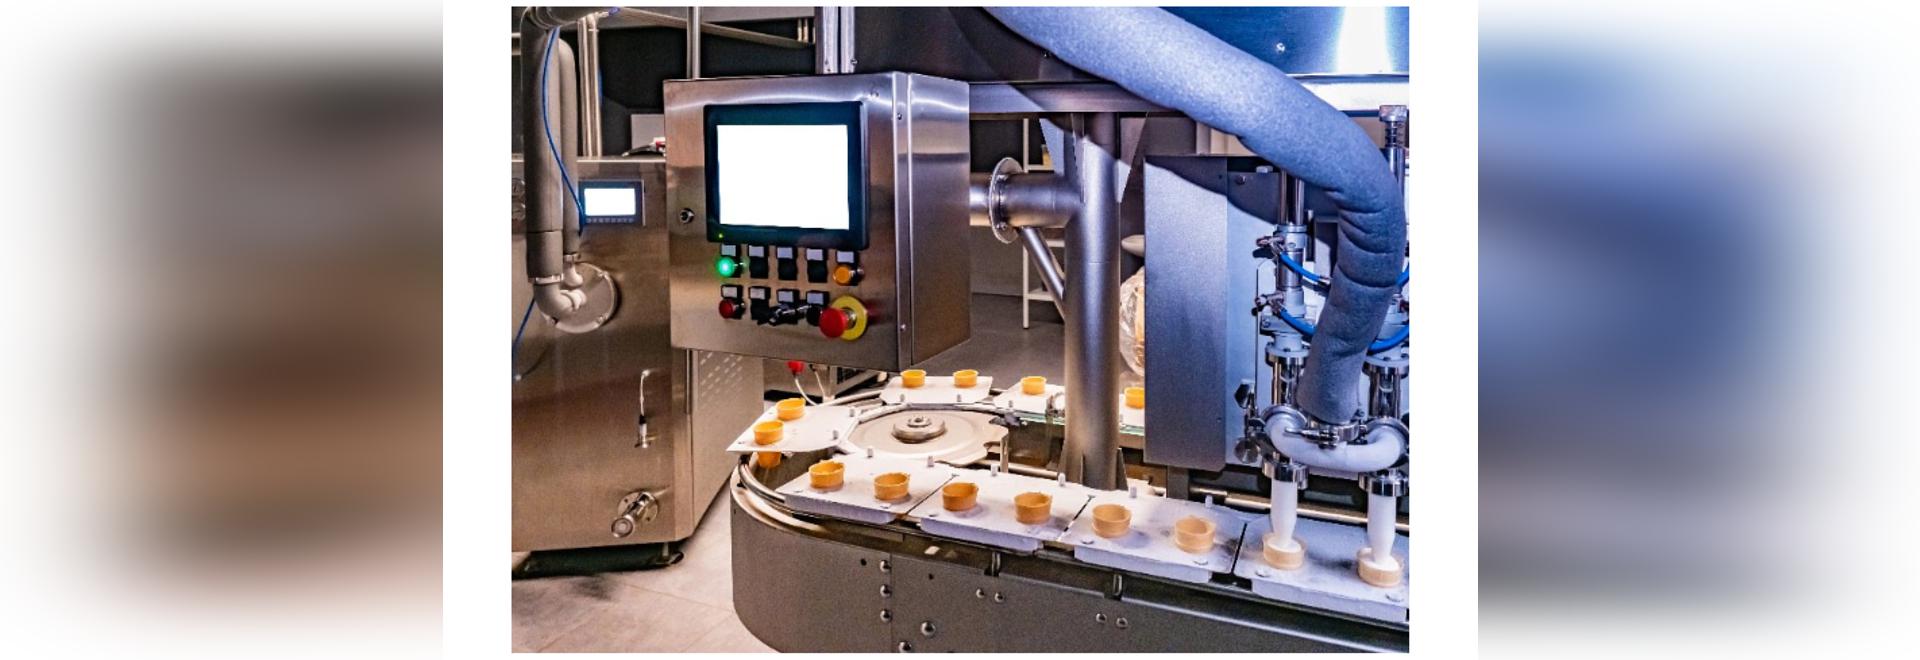 Vantaggi della tecnologia Machine Vision per i produttori alimentari